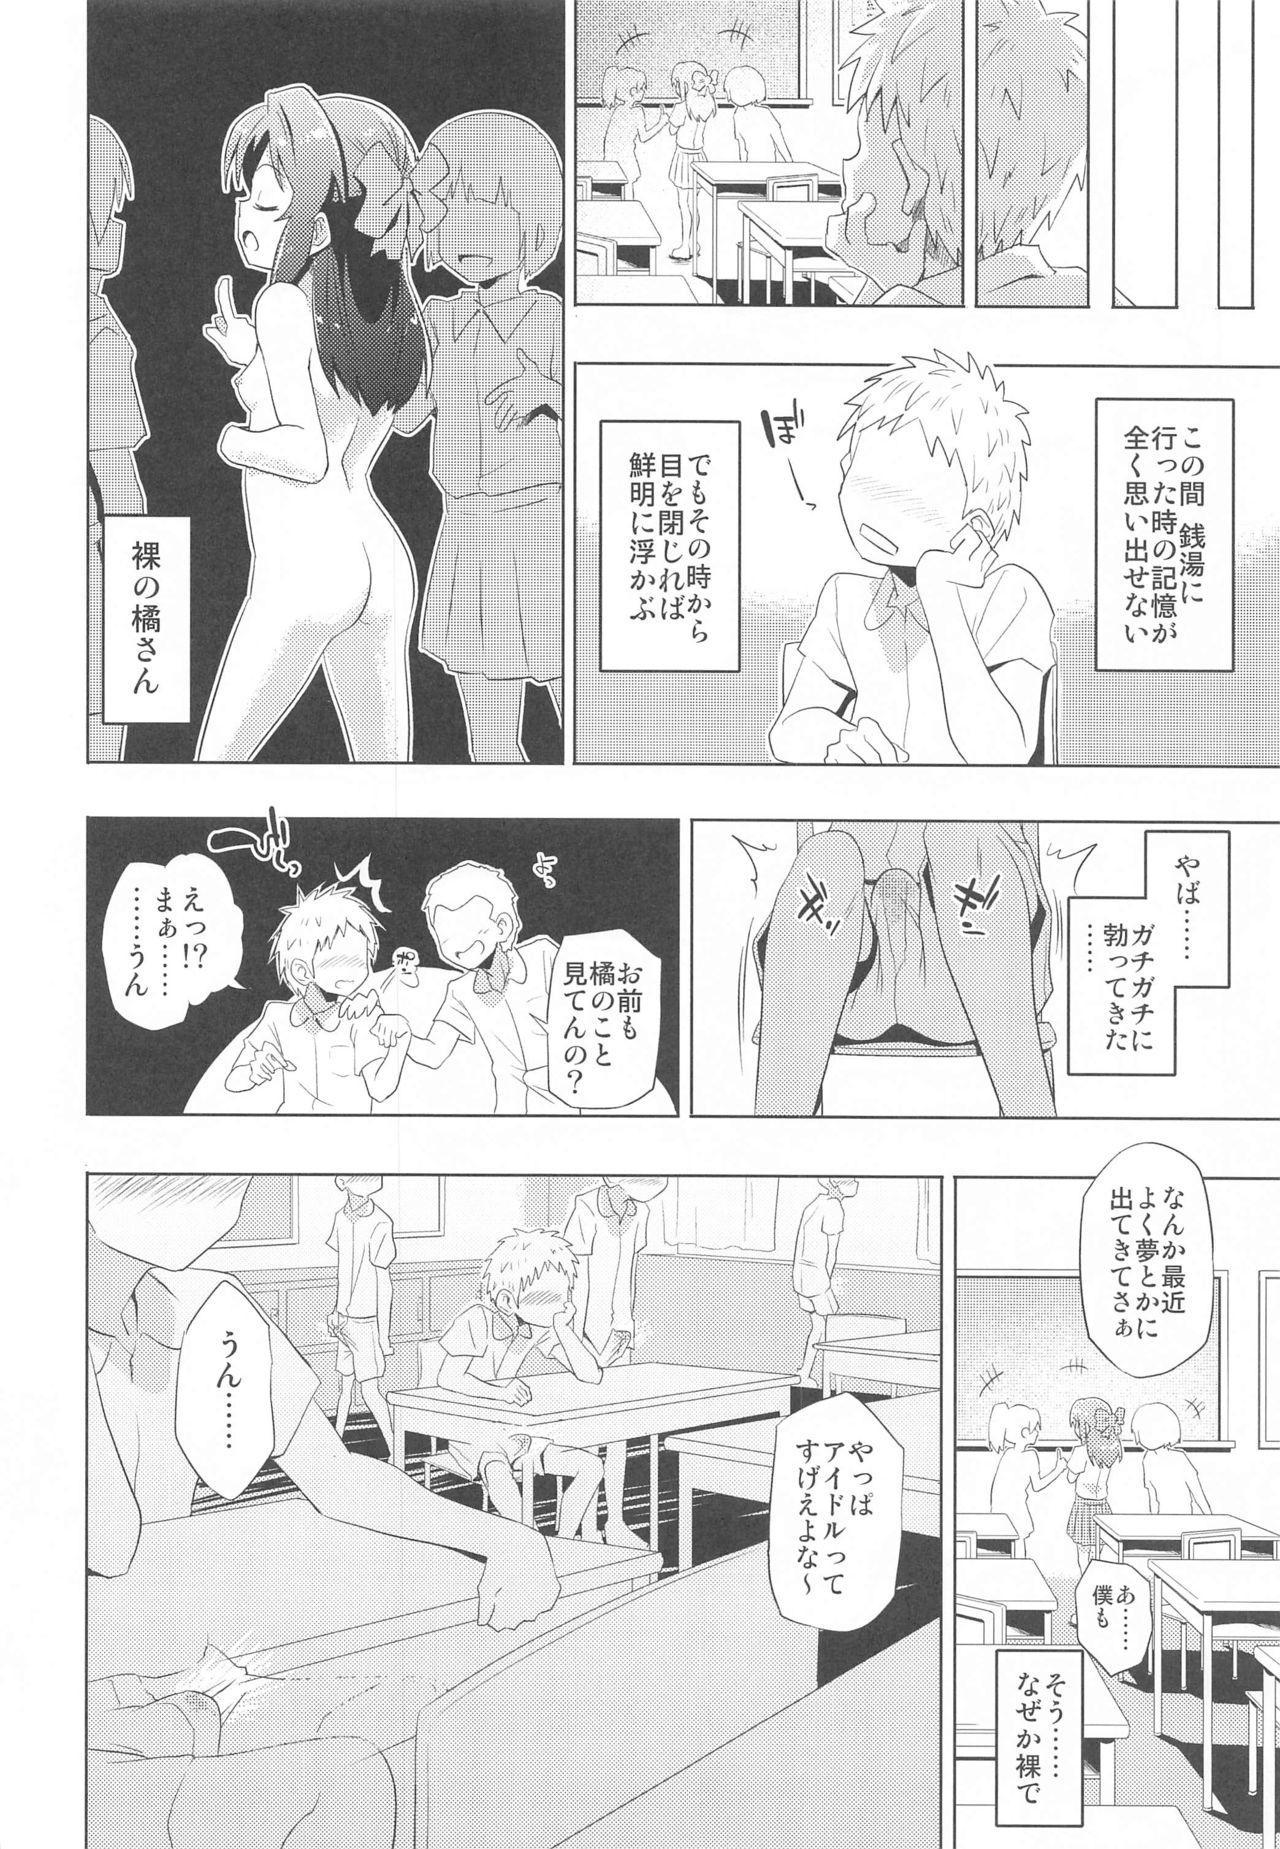 Arisu to Ofuro 26